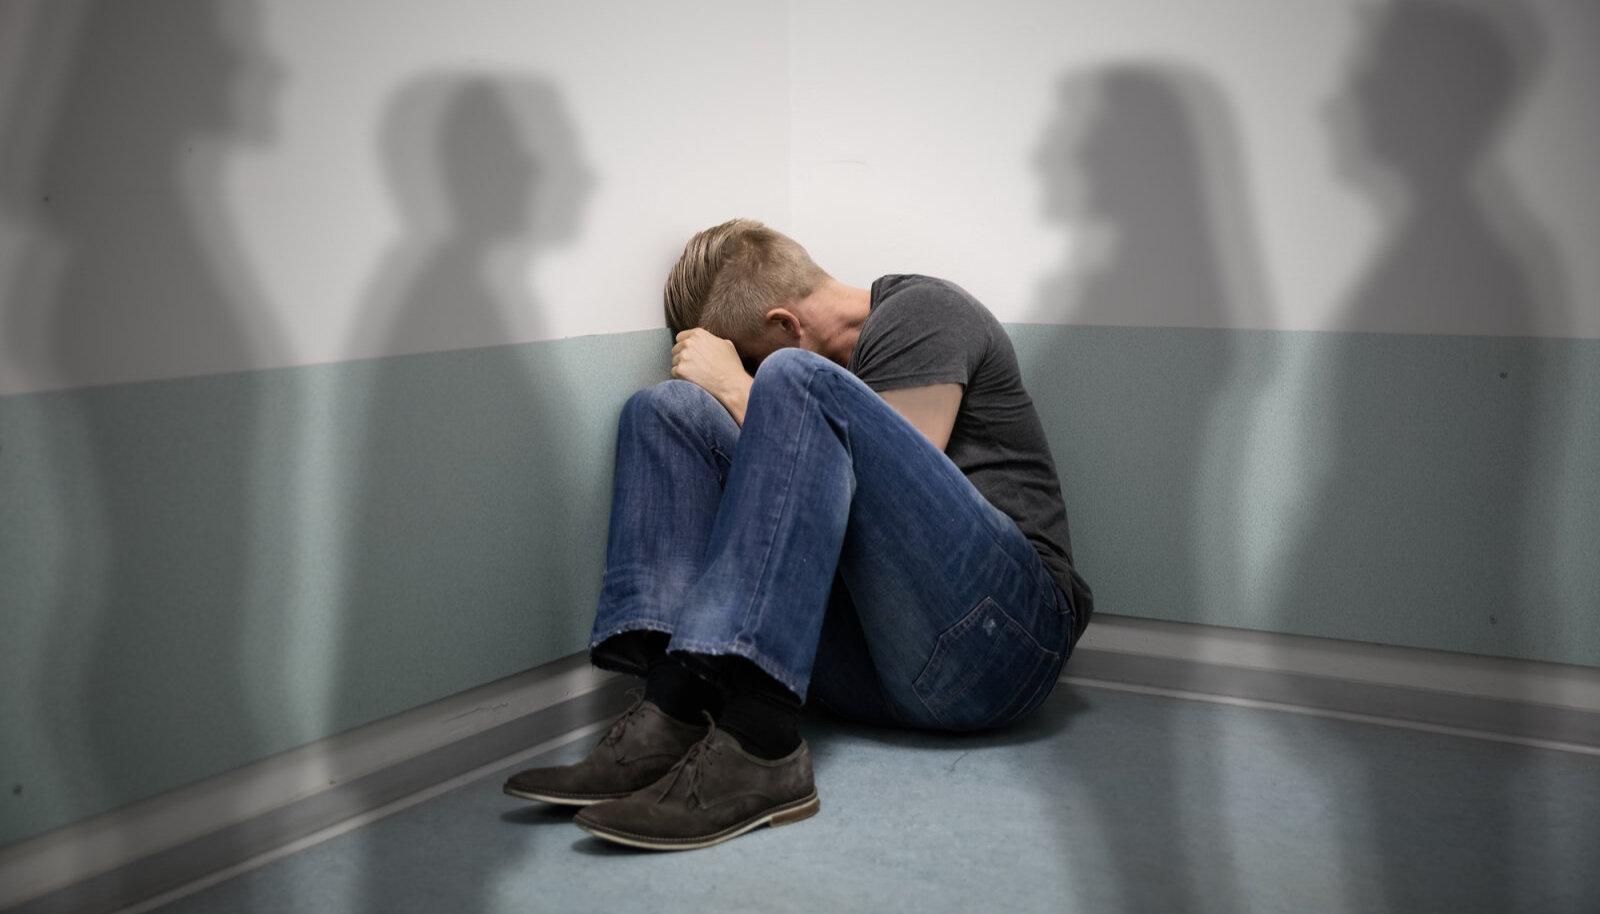 Kõige võimsam emotsionaalne takistus mehe jaoks on häbi